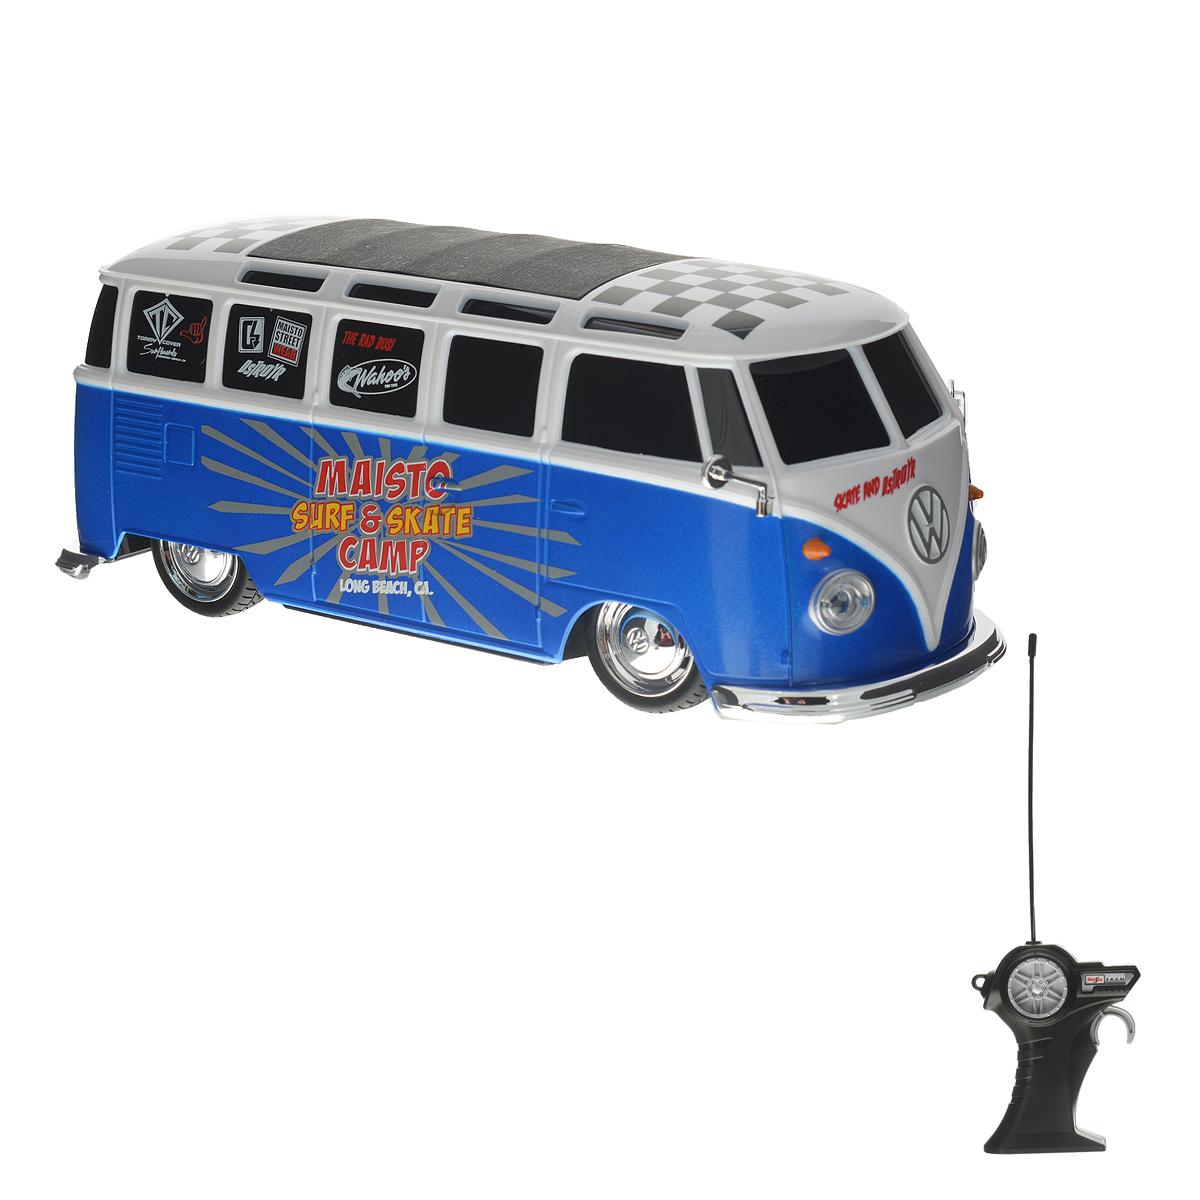 Maisto Радиоуправляемая модель Volkswagen Van Samba цвет синий белый черный81144Радиоуправляемая модель Maisto Volkswagen Van Samba обязательно привлечет внимание взрослого и ребенка, и несомненно понравится любому, кто увлекается автомобилями. Эта машина - точная копия микроавтобуса Volkswagen Van Samba в масштабе 1:24. Машинка изготовлена из высококачественного пластика, шины выполнены из мягкой резины. Машинка может перемещаться вперед, дает задний ход, поворачивает влево и вправо, останавливается. Ваш ребенок часами будет играть с моделью, придумывая различные истории и устраивая соревнования. Порадуйте его таким замечательным подарком! Для работы машинки требуются 2 батареи типа АА напряжением 1,5V (не входят в комплект). Для работы пульта управления требуются 2 батареи напряжением 1,5V типа ААА (не входят в комплект). Радиус действия пульта - 10 м. Частота: 27 МГц.